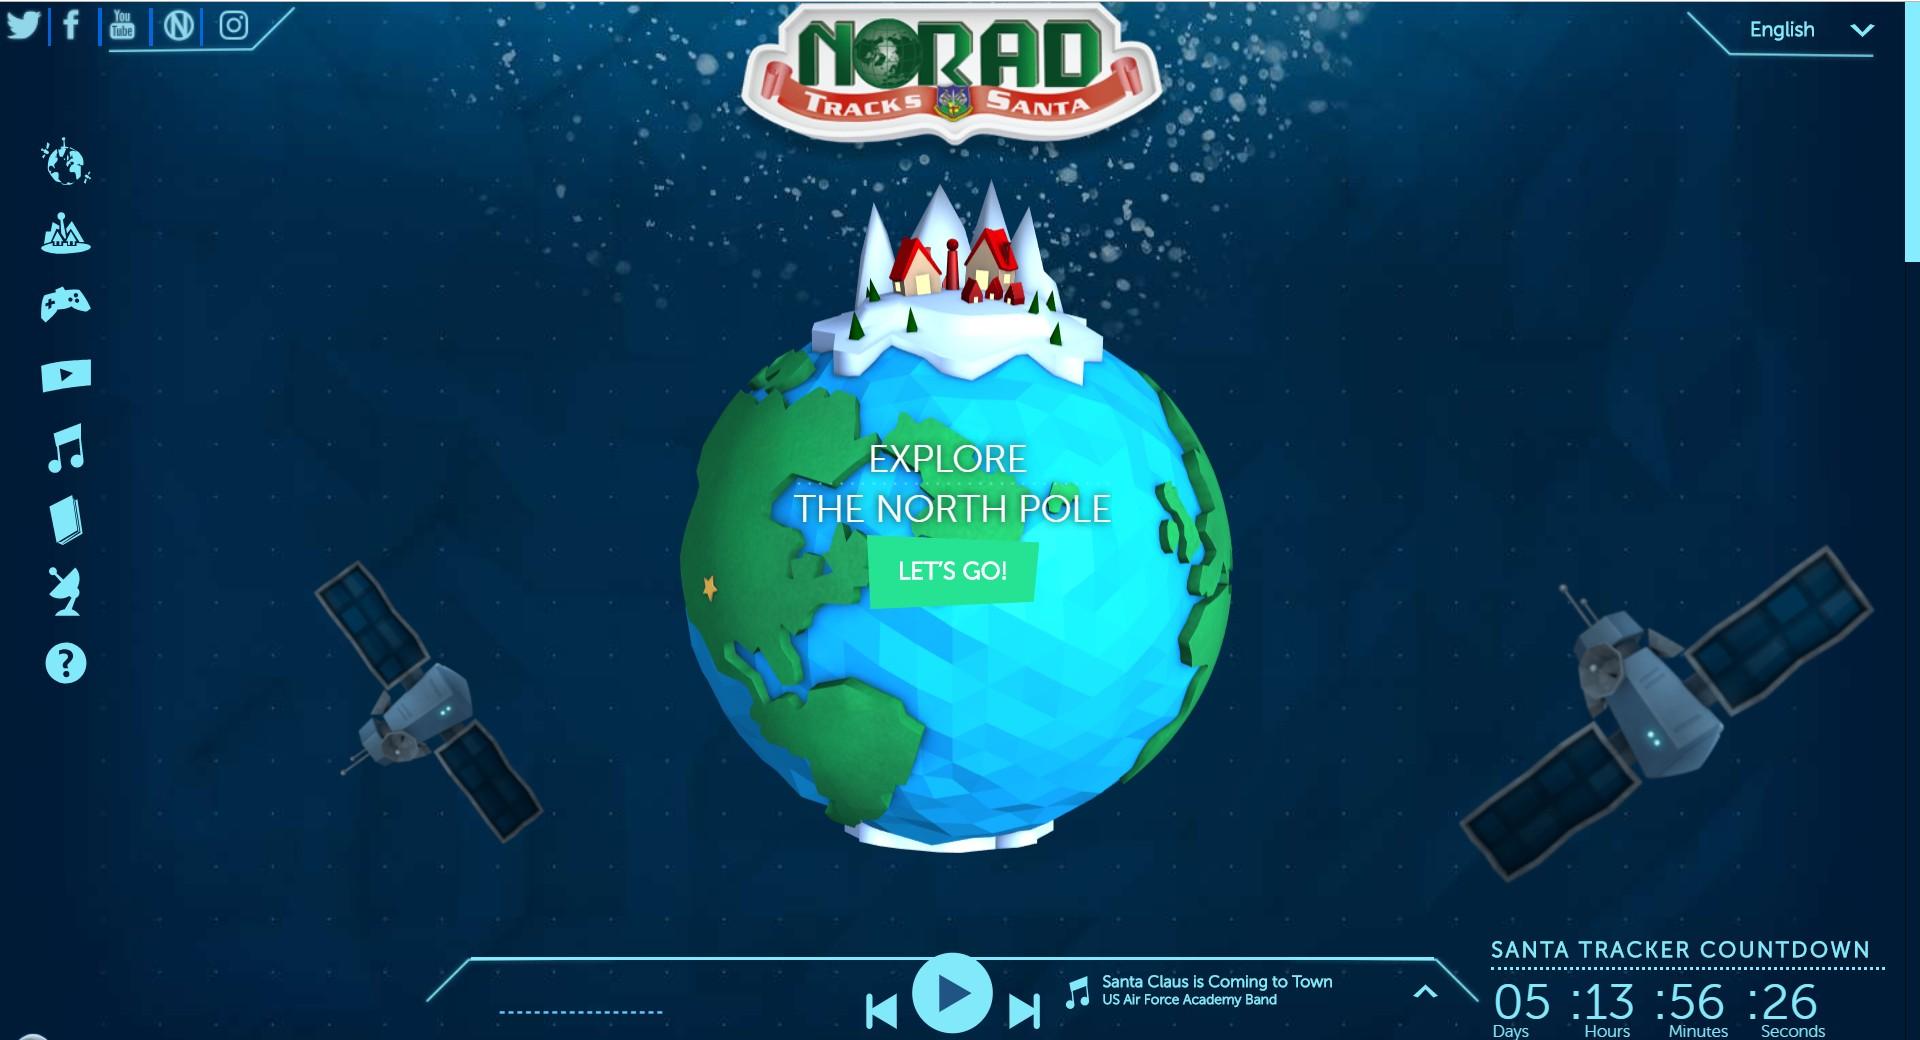 NORAD TRACKS SANTA!